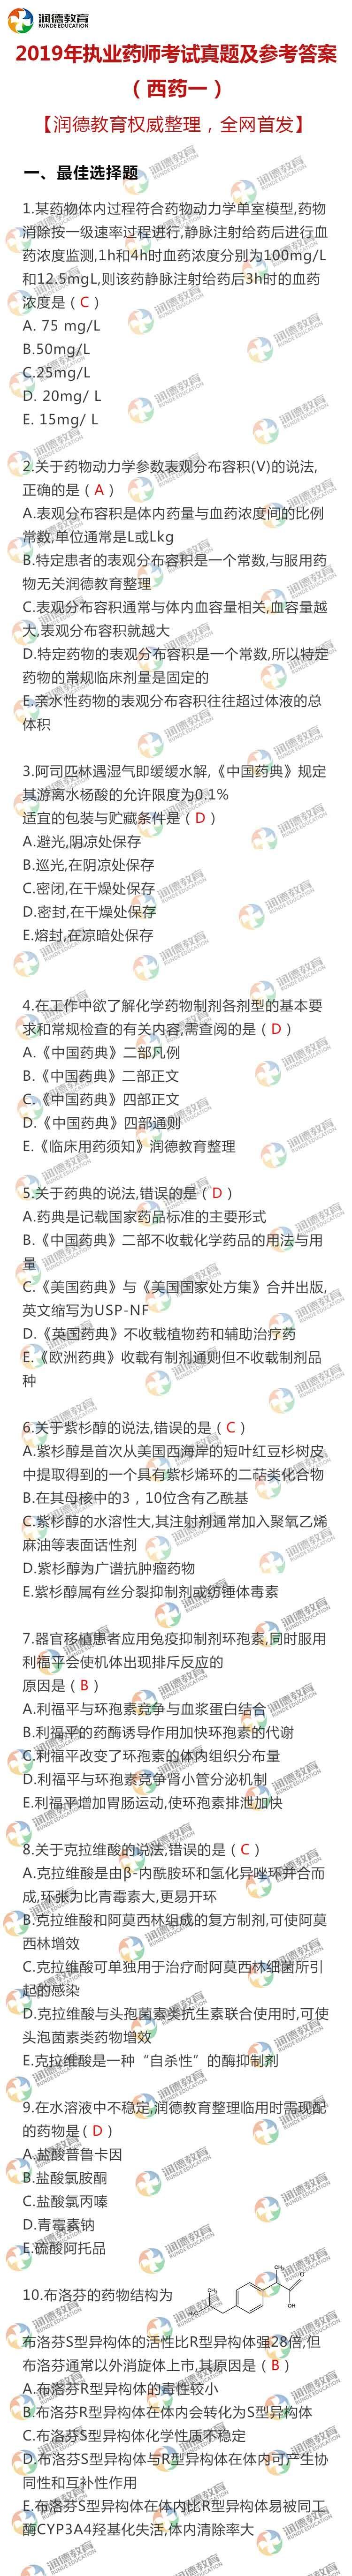 执业药师资格考试西药一1-10.jpg